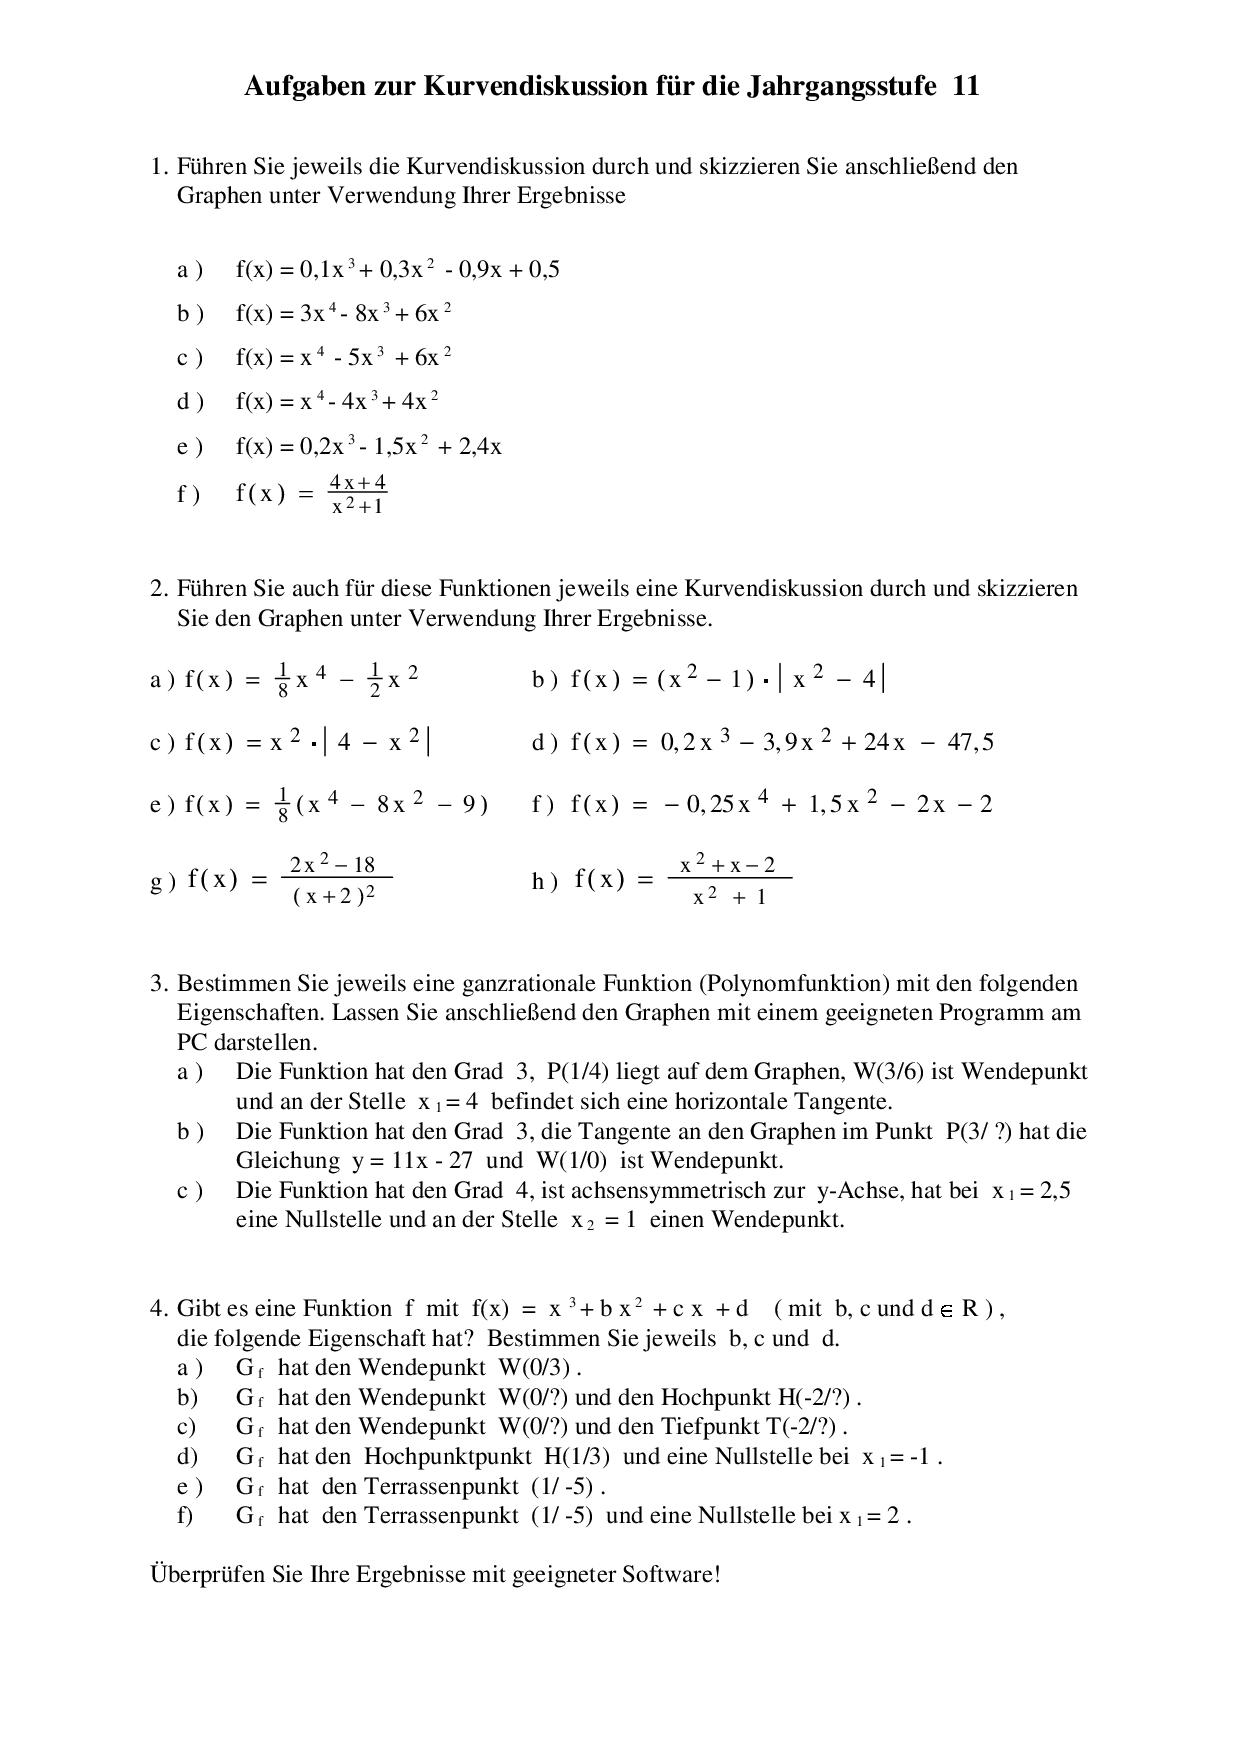 Aufgaben Mit Losungen Zur Kurvendiskussion Jahrgangsstufe 11 Docsity